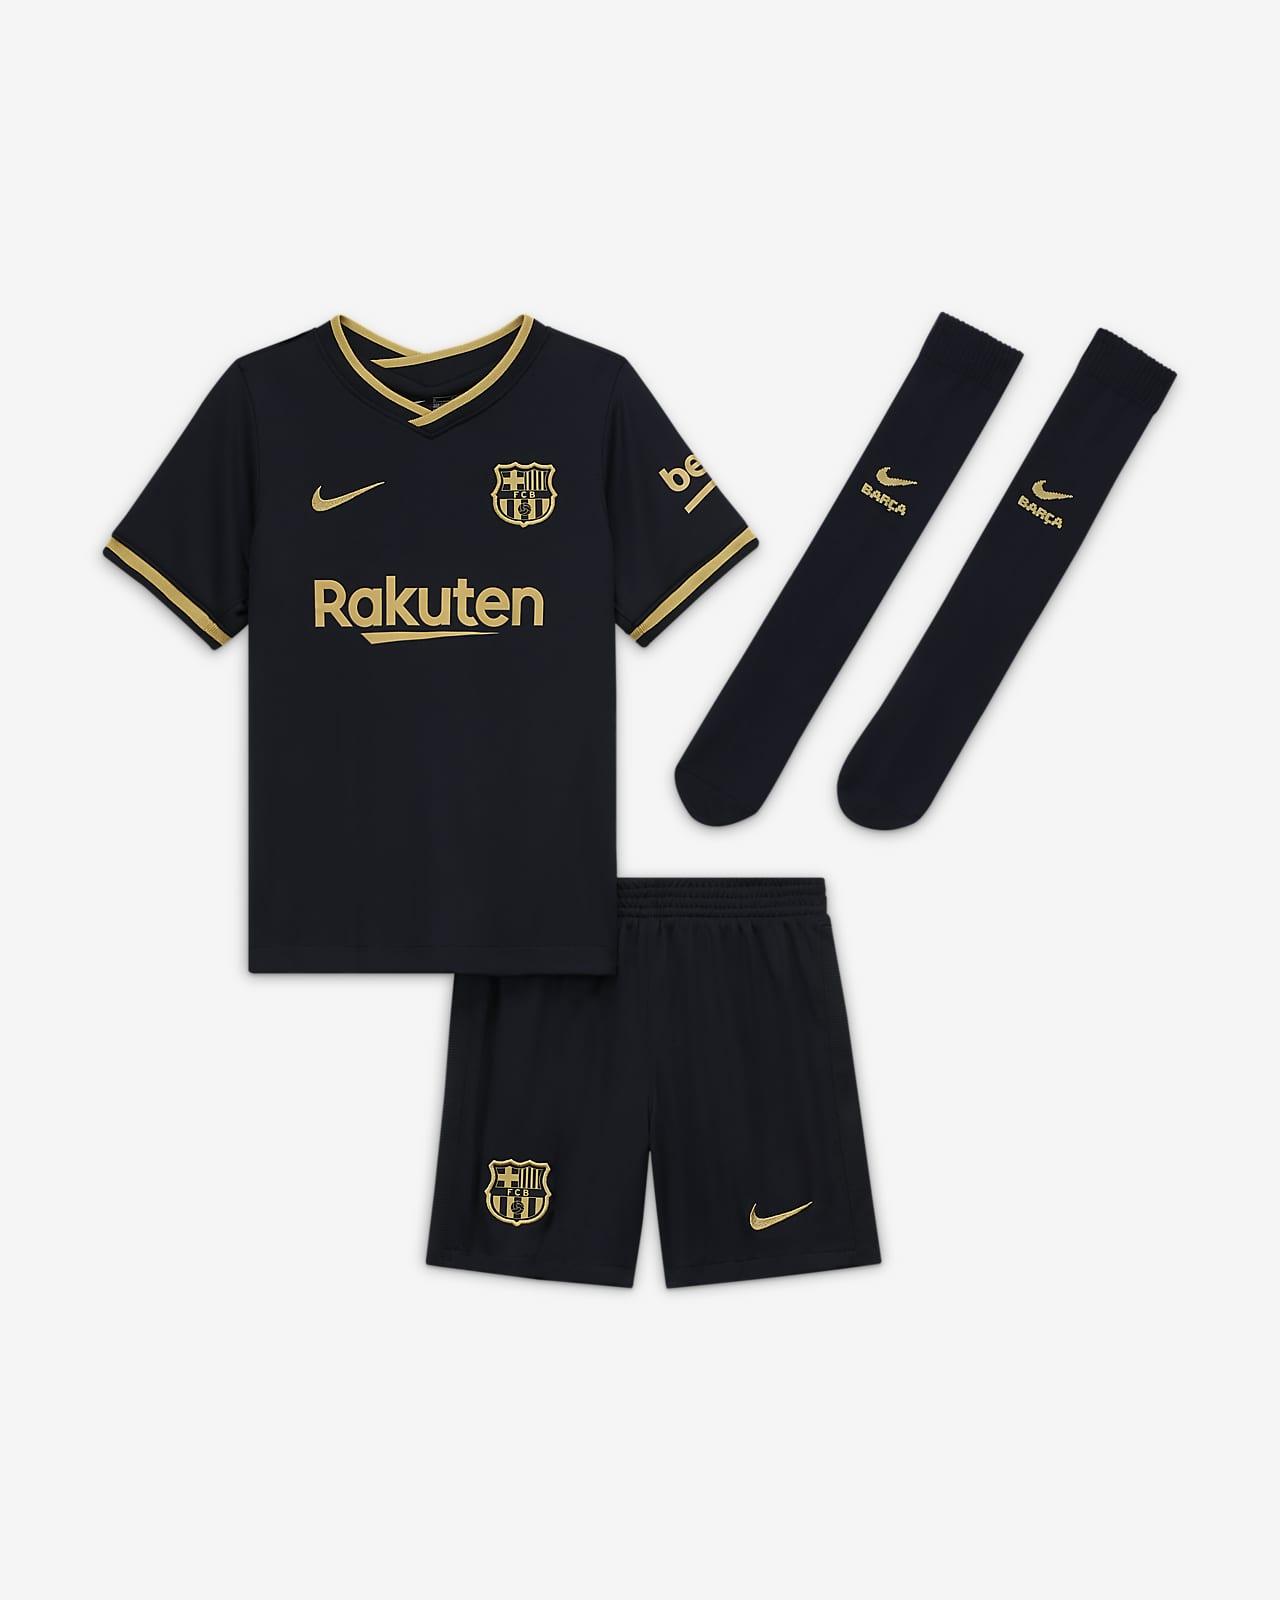 Εμφάνιση ποδοσφαίρου Μπαρτσελόνα 2020/21 Away για μικρά παιδιά